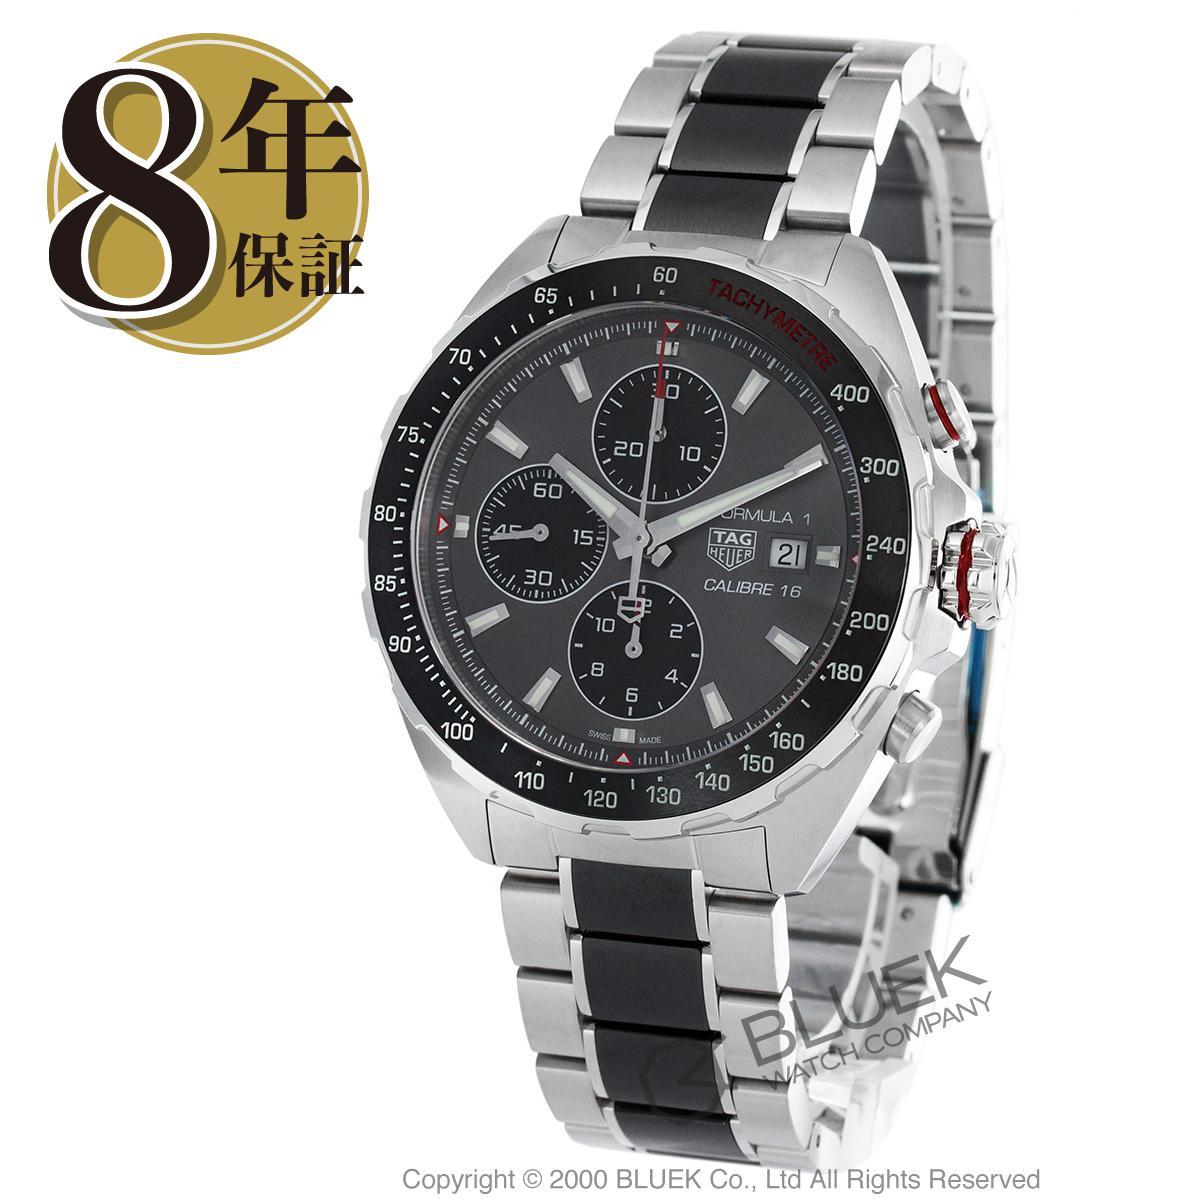 タグホイヤー フォーミュラ1 クロノグラフ 腕時計 メンズ TAG Heuer CAZ2012.BA0970_8